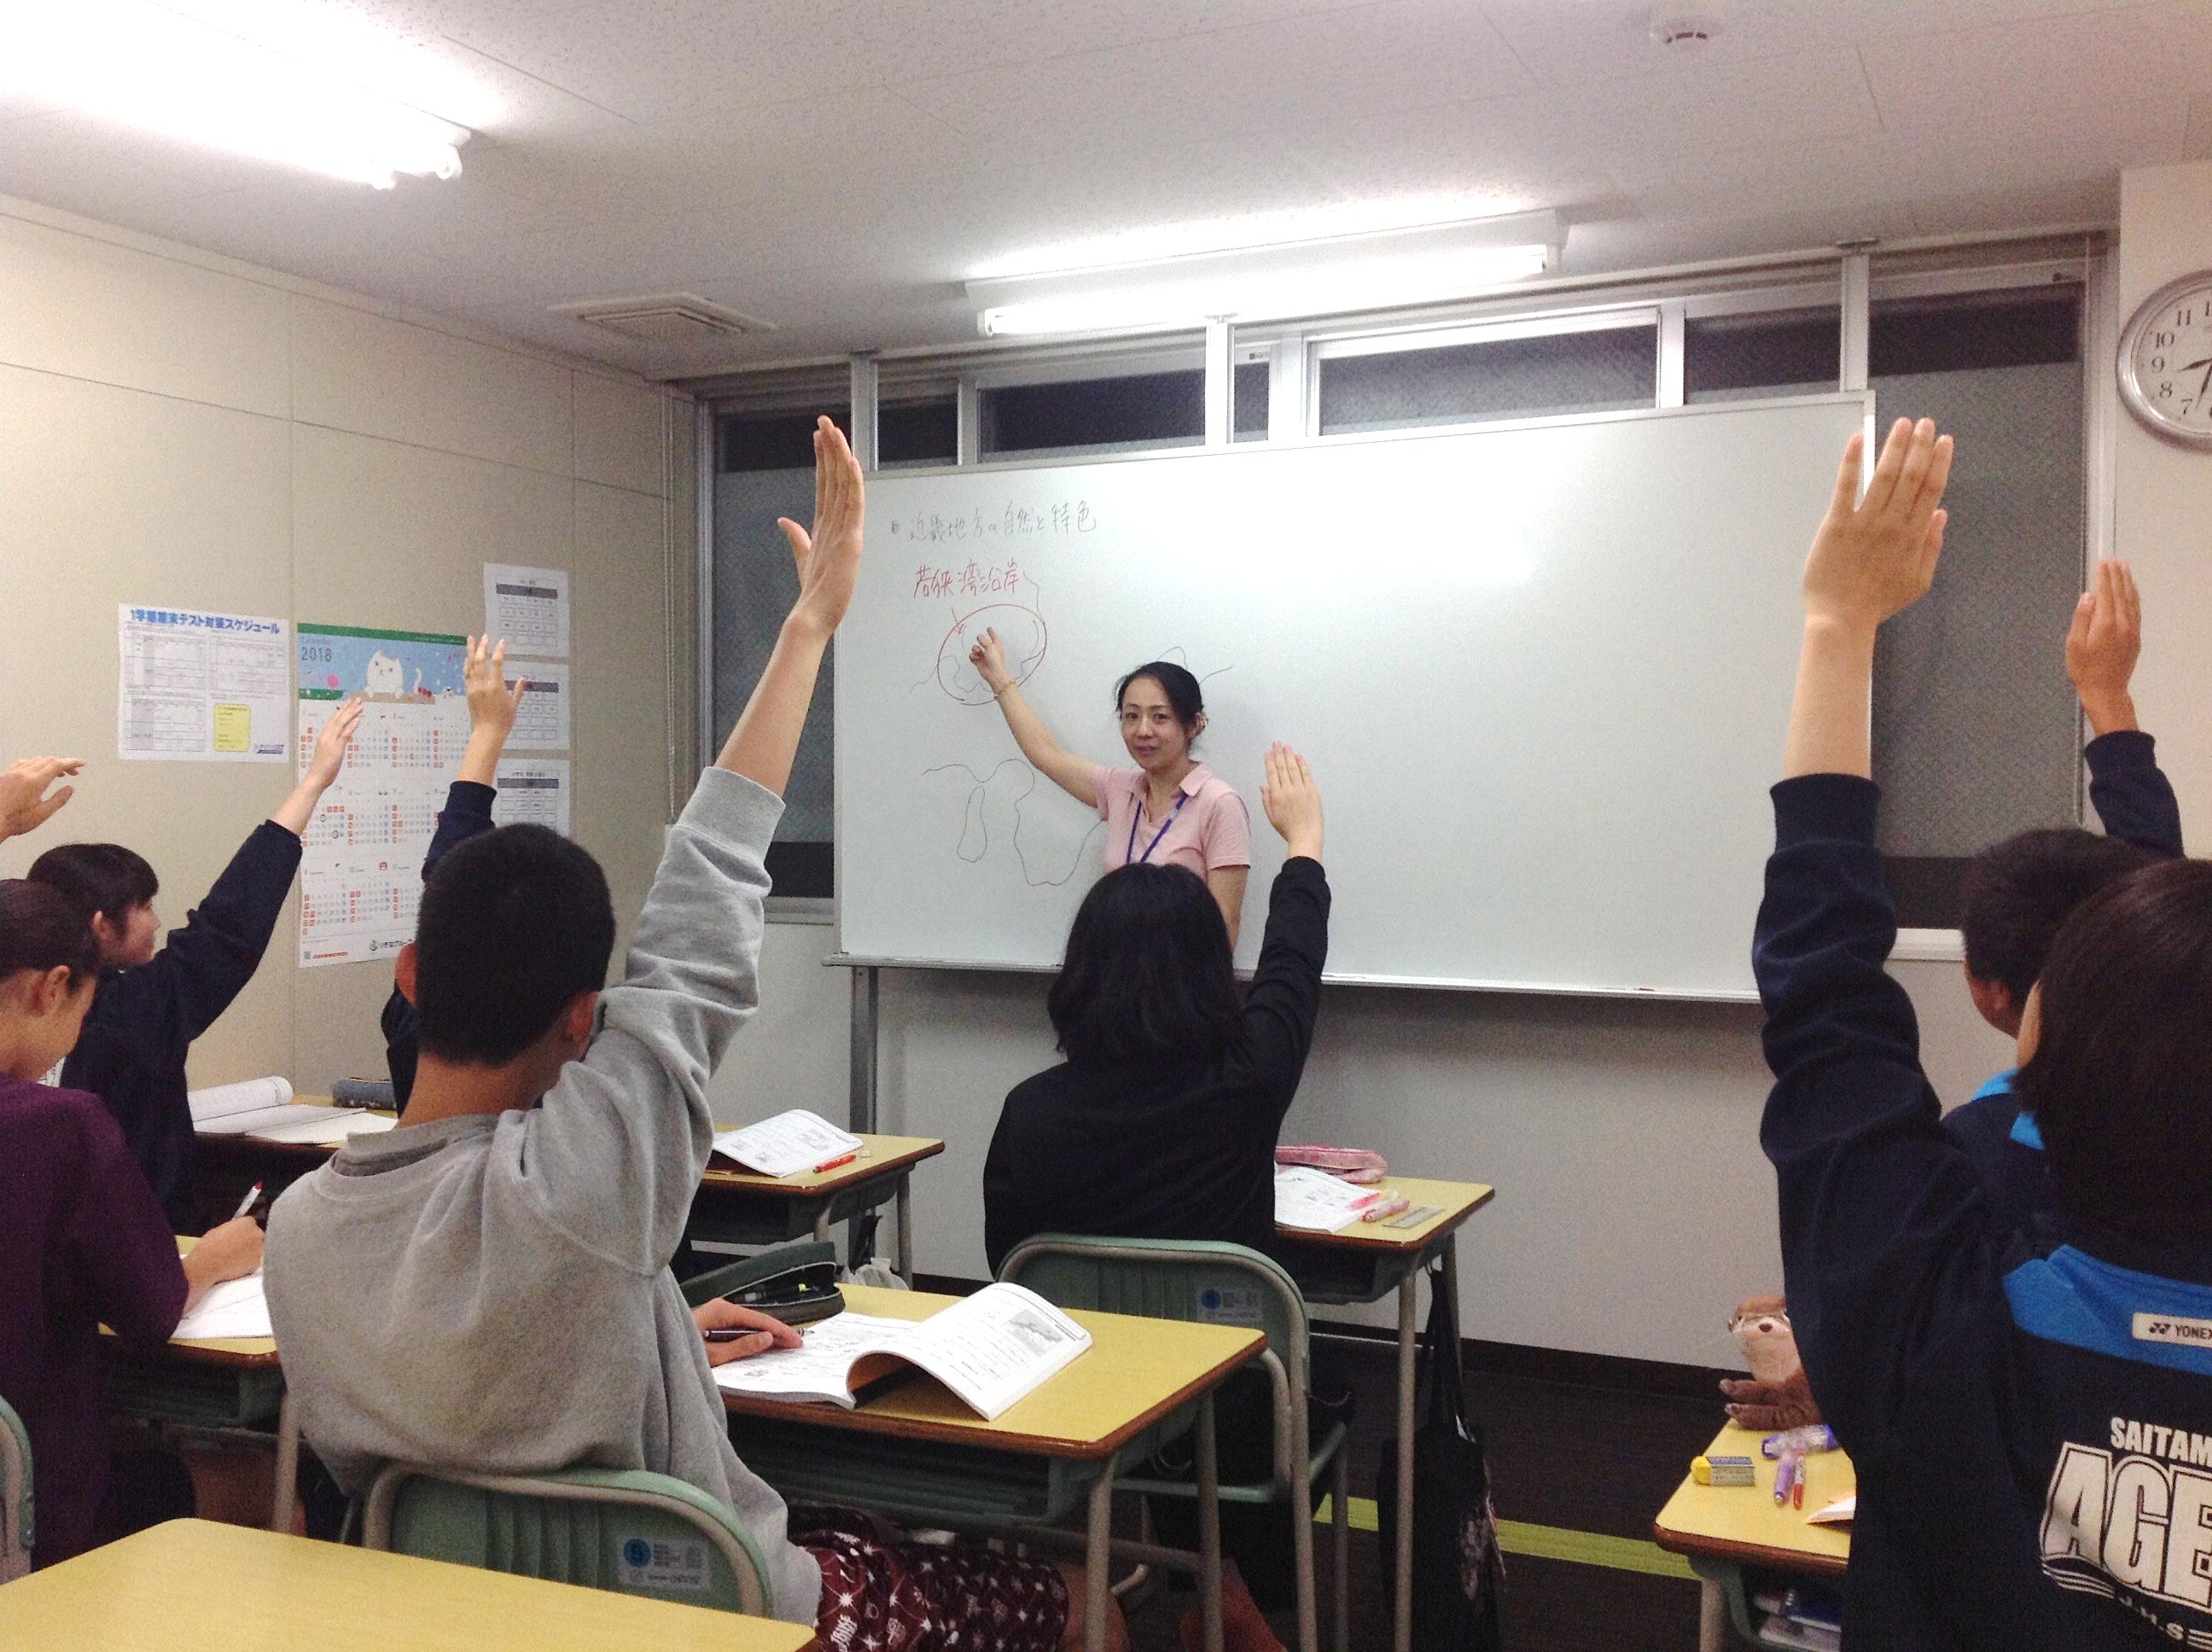 「塾の集団授業」としてイメージされる通りの授業の様子です。学校の授業の理解を深めるために予習先行型となっています。